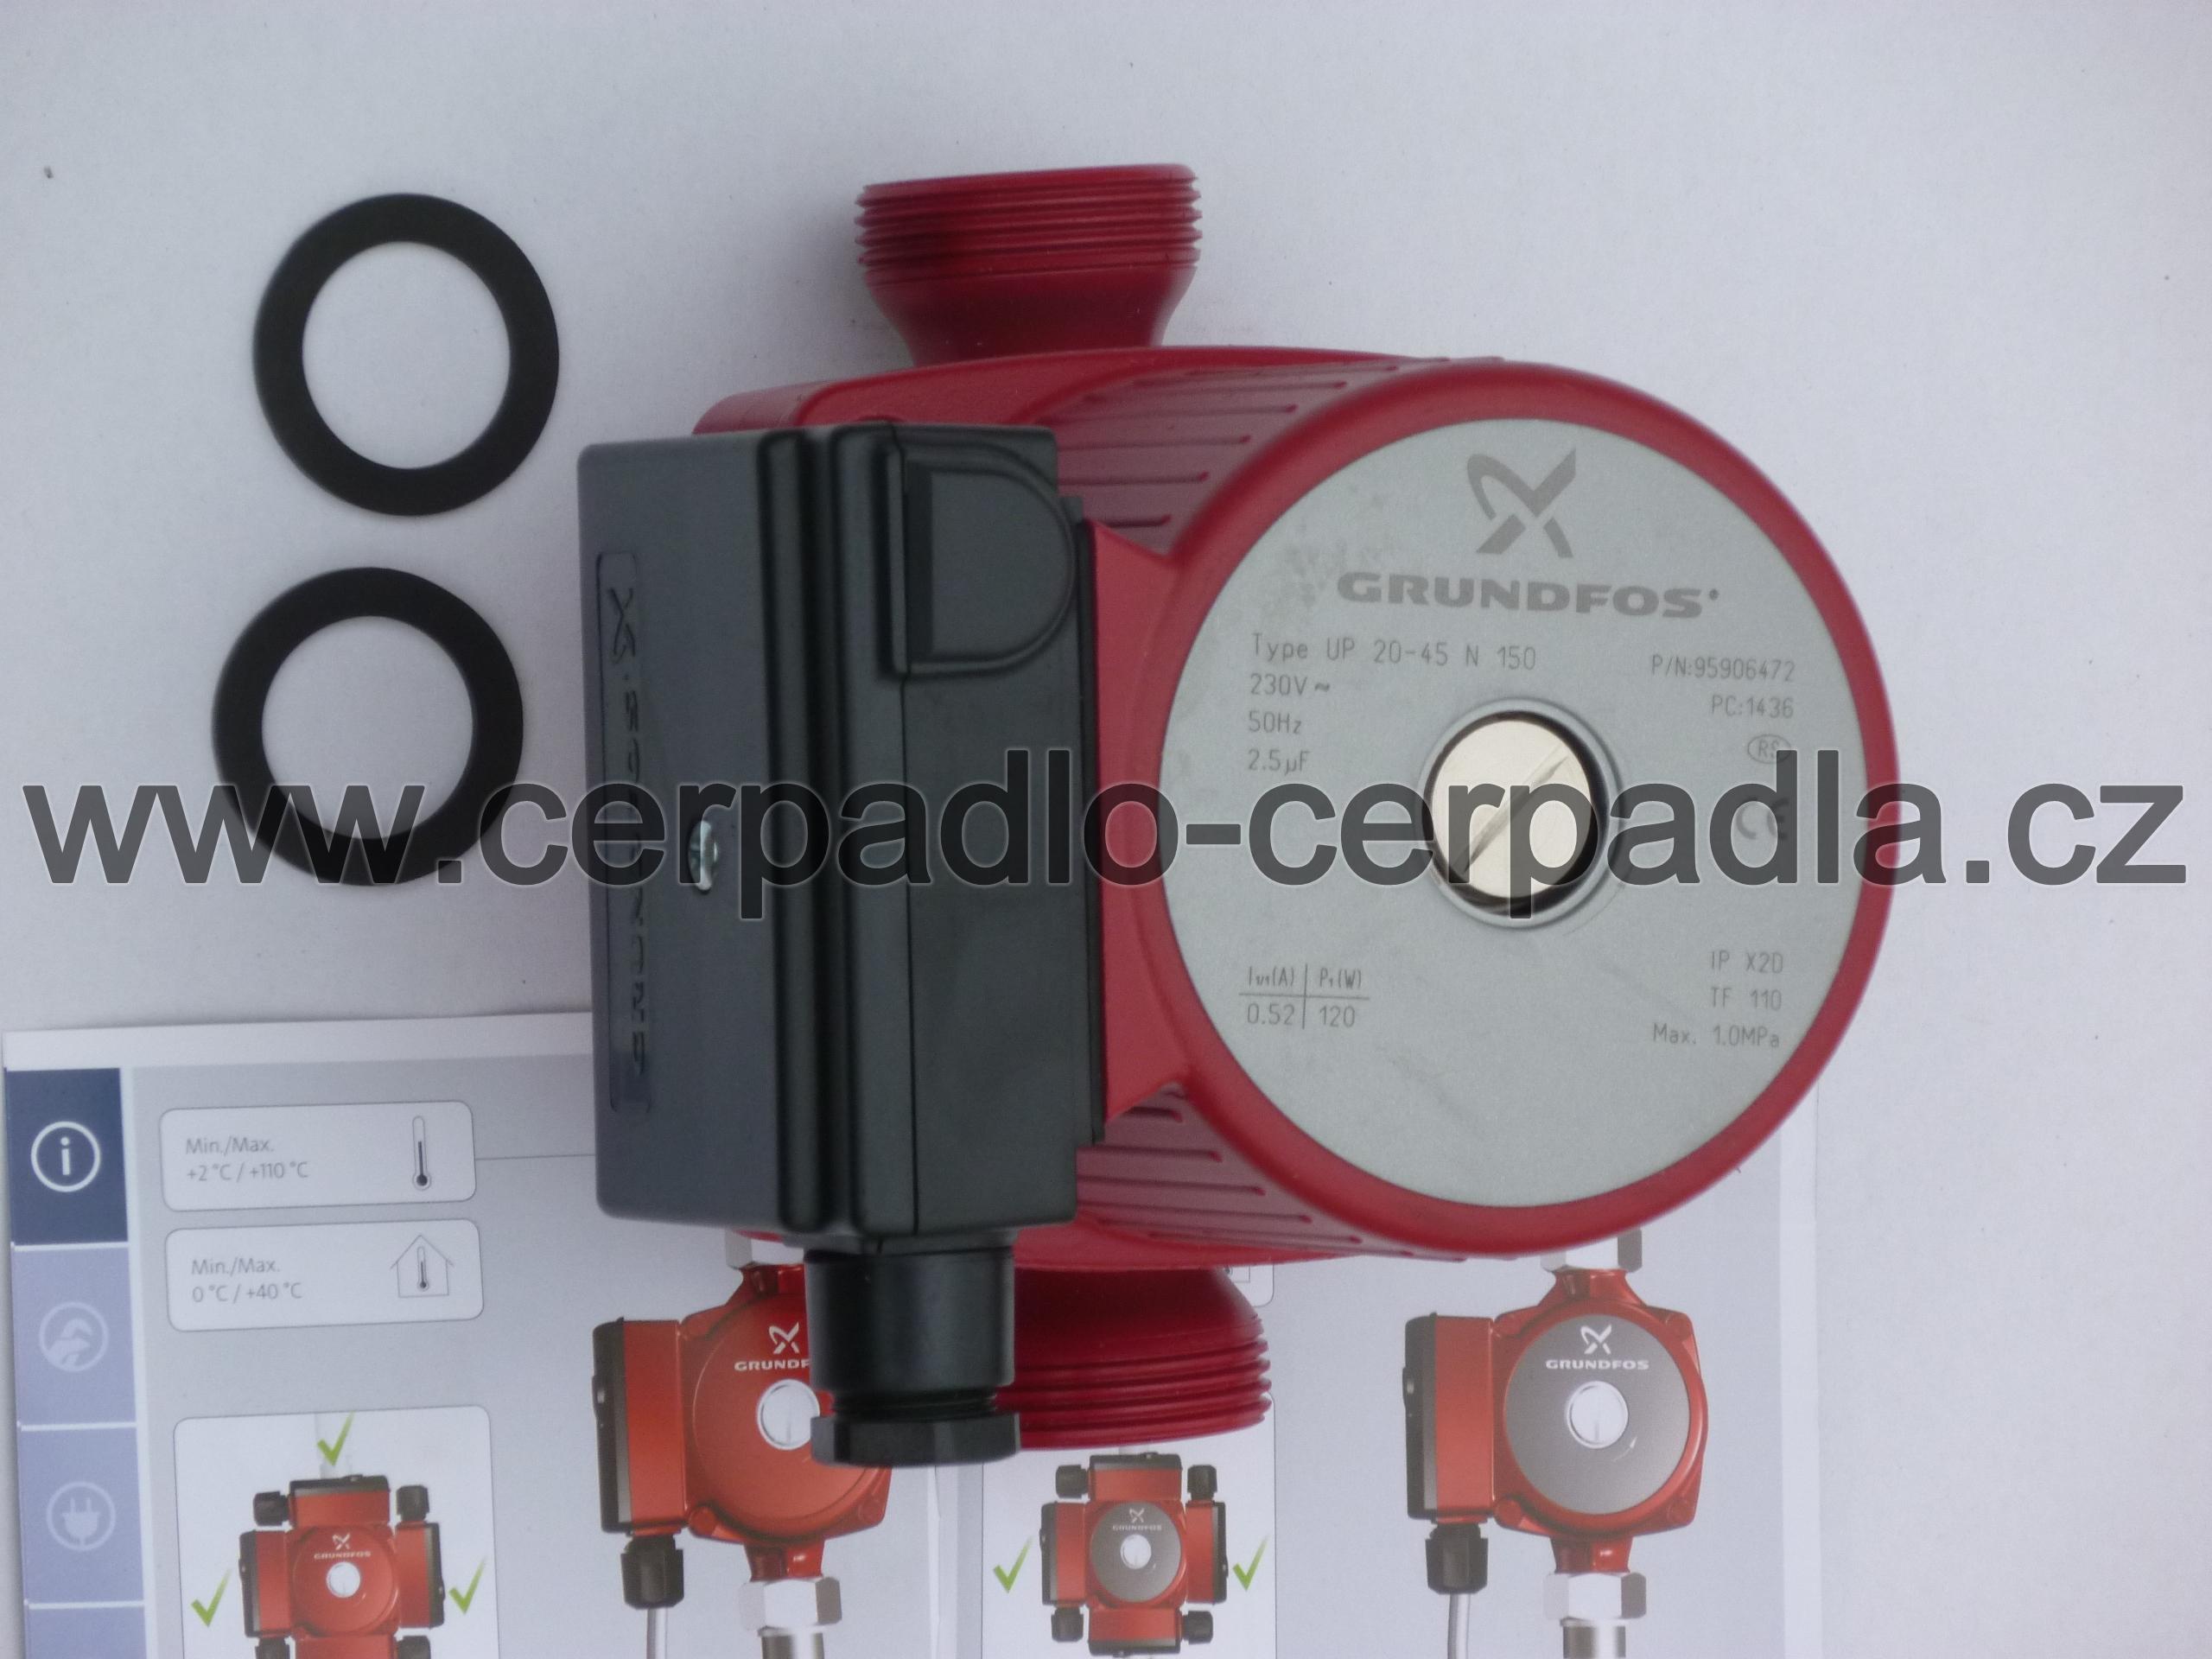 Grundfos UP 20-45 N 150 (PN10, oběhové čerpadlo, 95906472, DOPRAVA ZDARMA, čerpadla Grundfos UP 20-45 N)